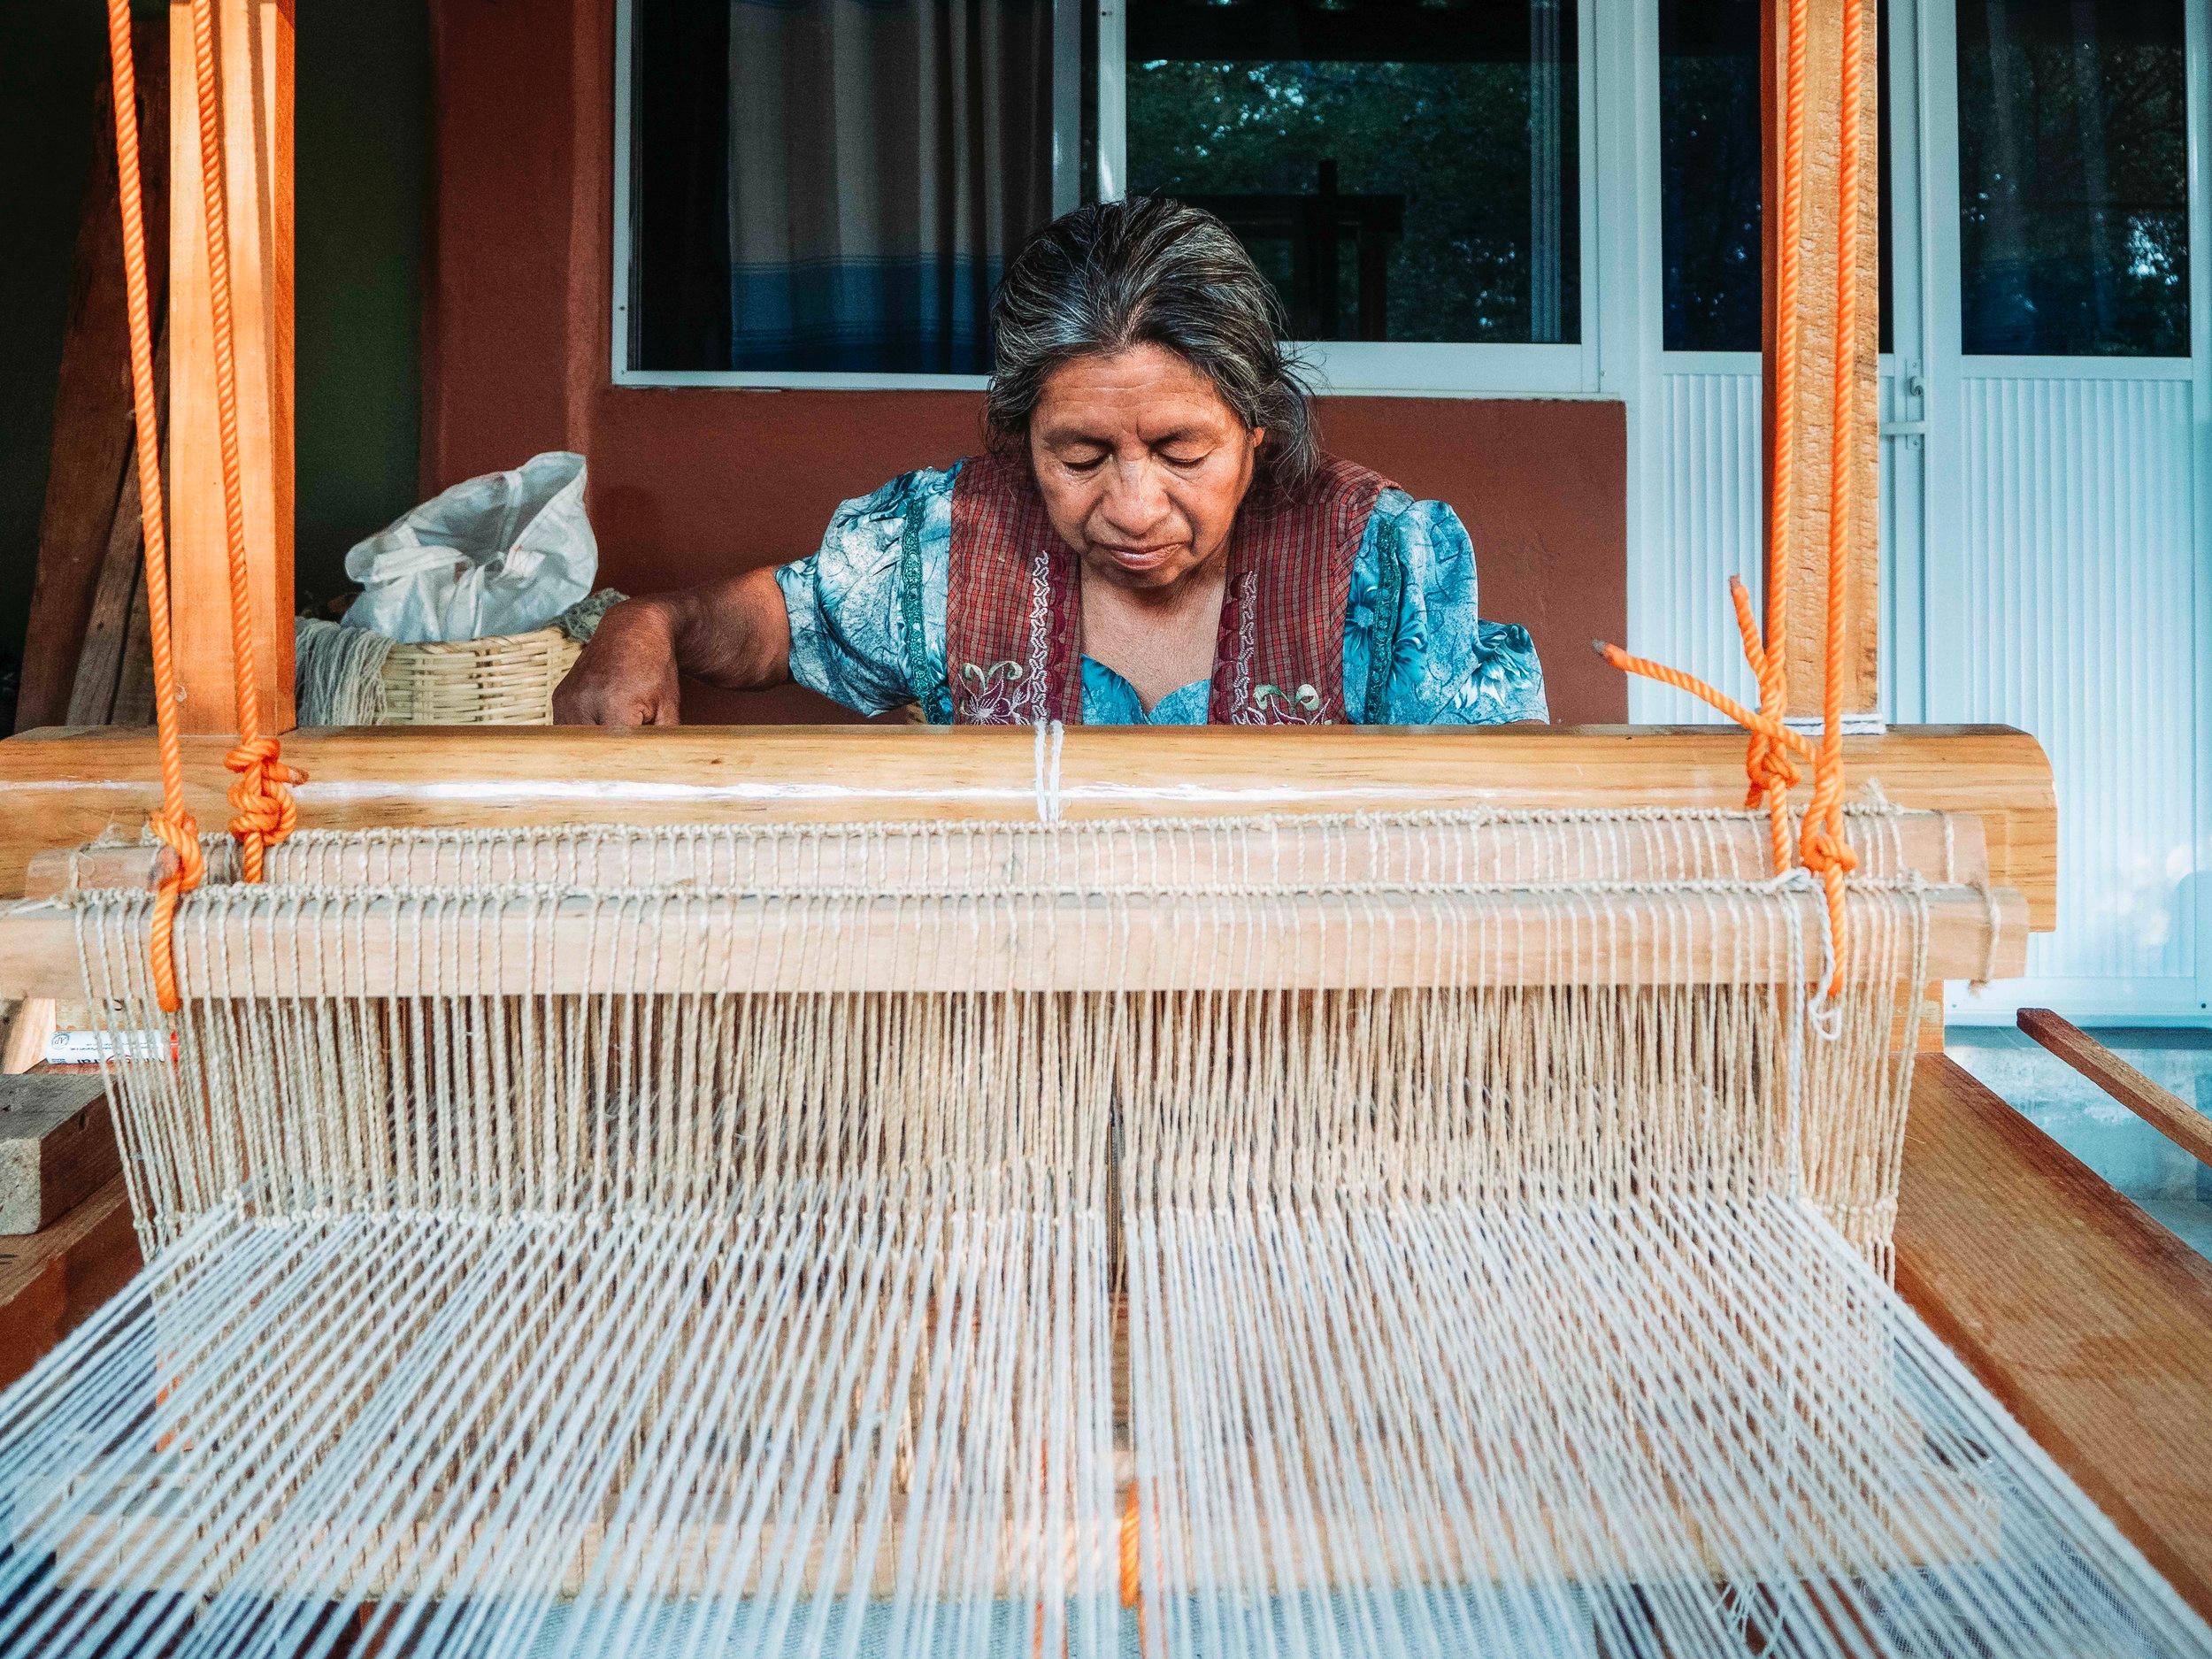 Leonor+Weaving+12.12.55.jpg